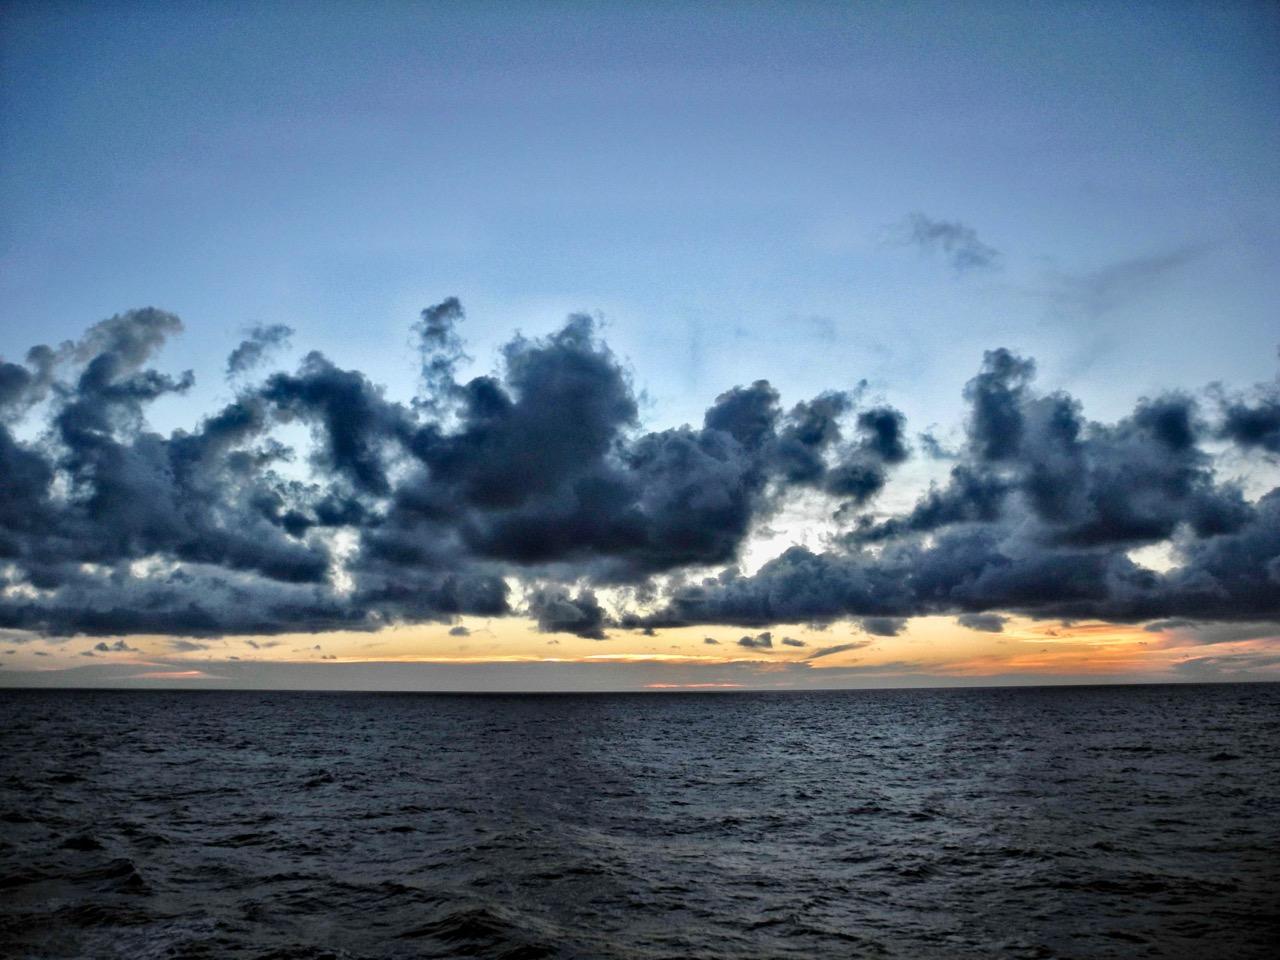 Wolkenstimmung-Geisterreiter-im-Sturm2